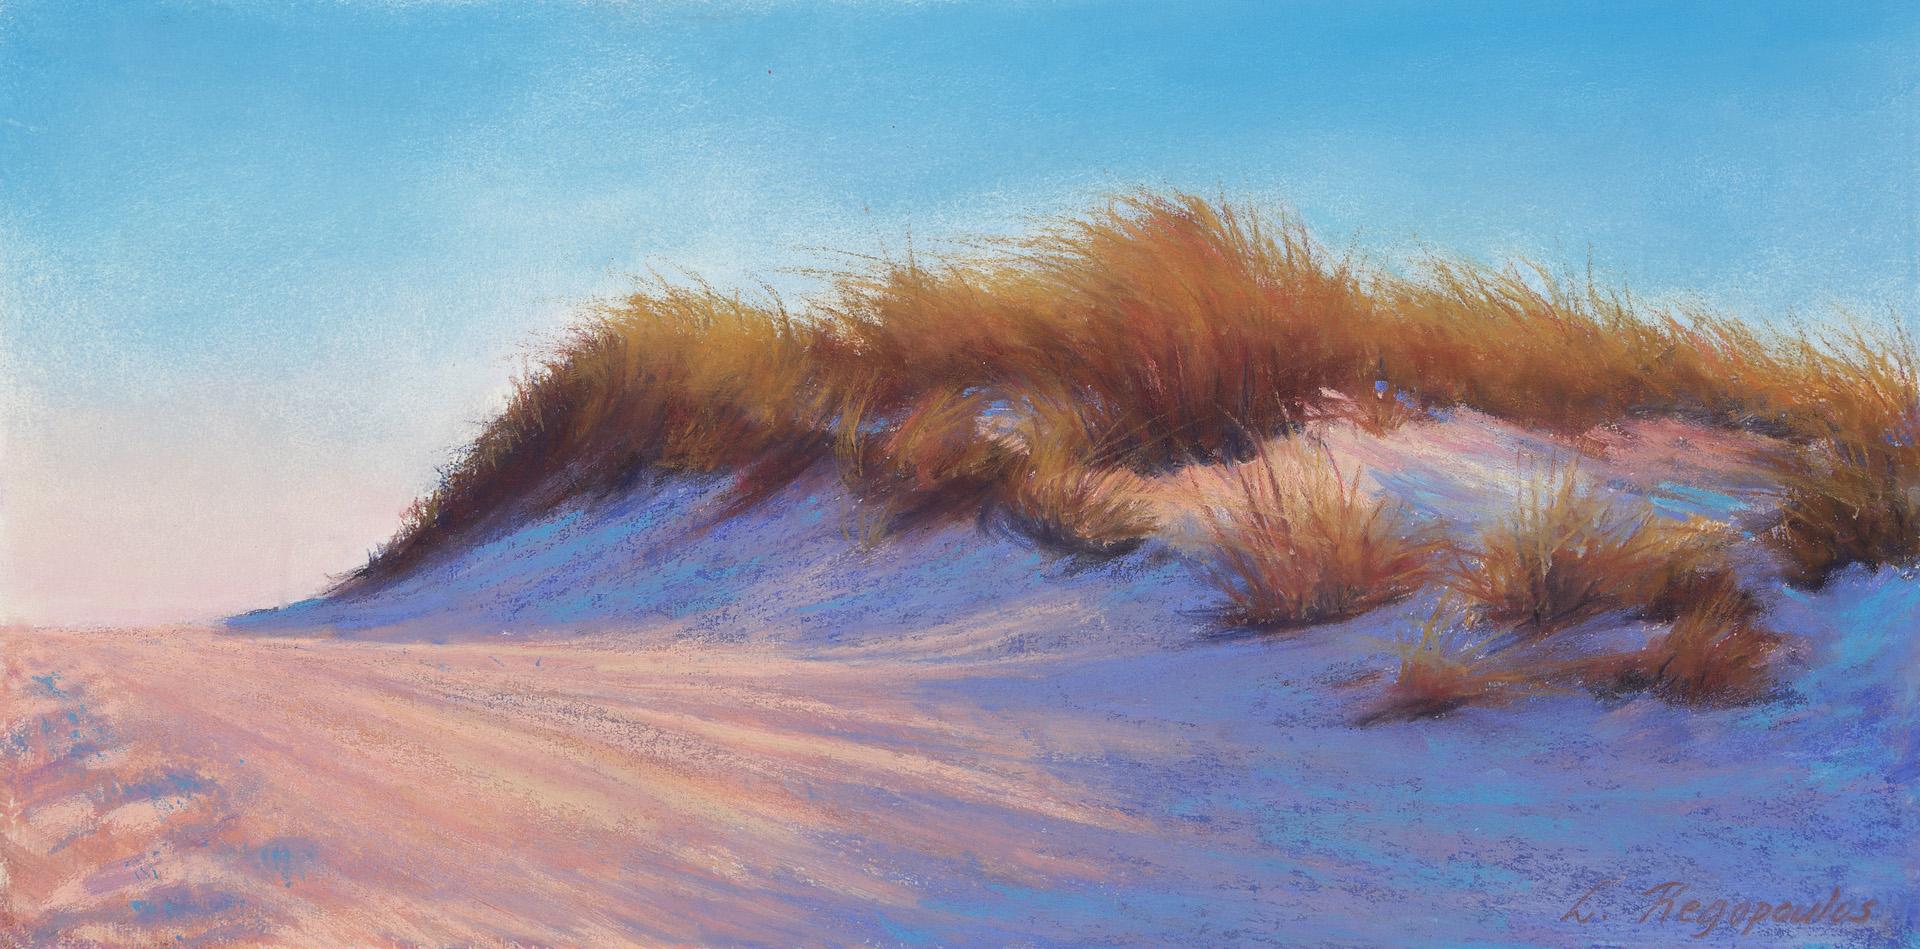 Pastel Sand Dunes by Lisa Regopoulous